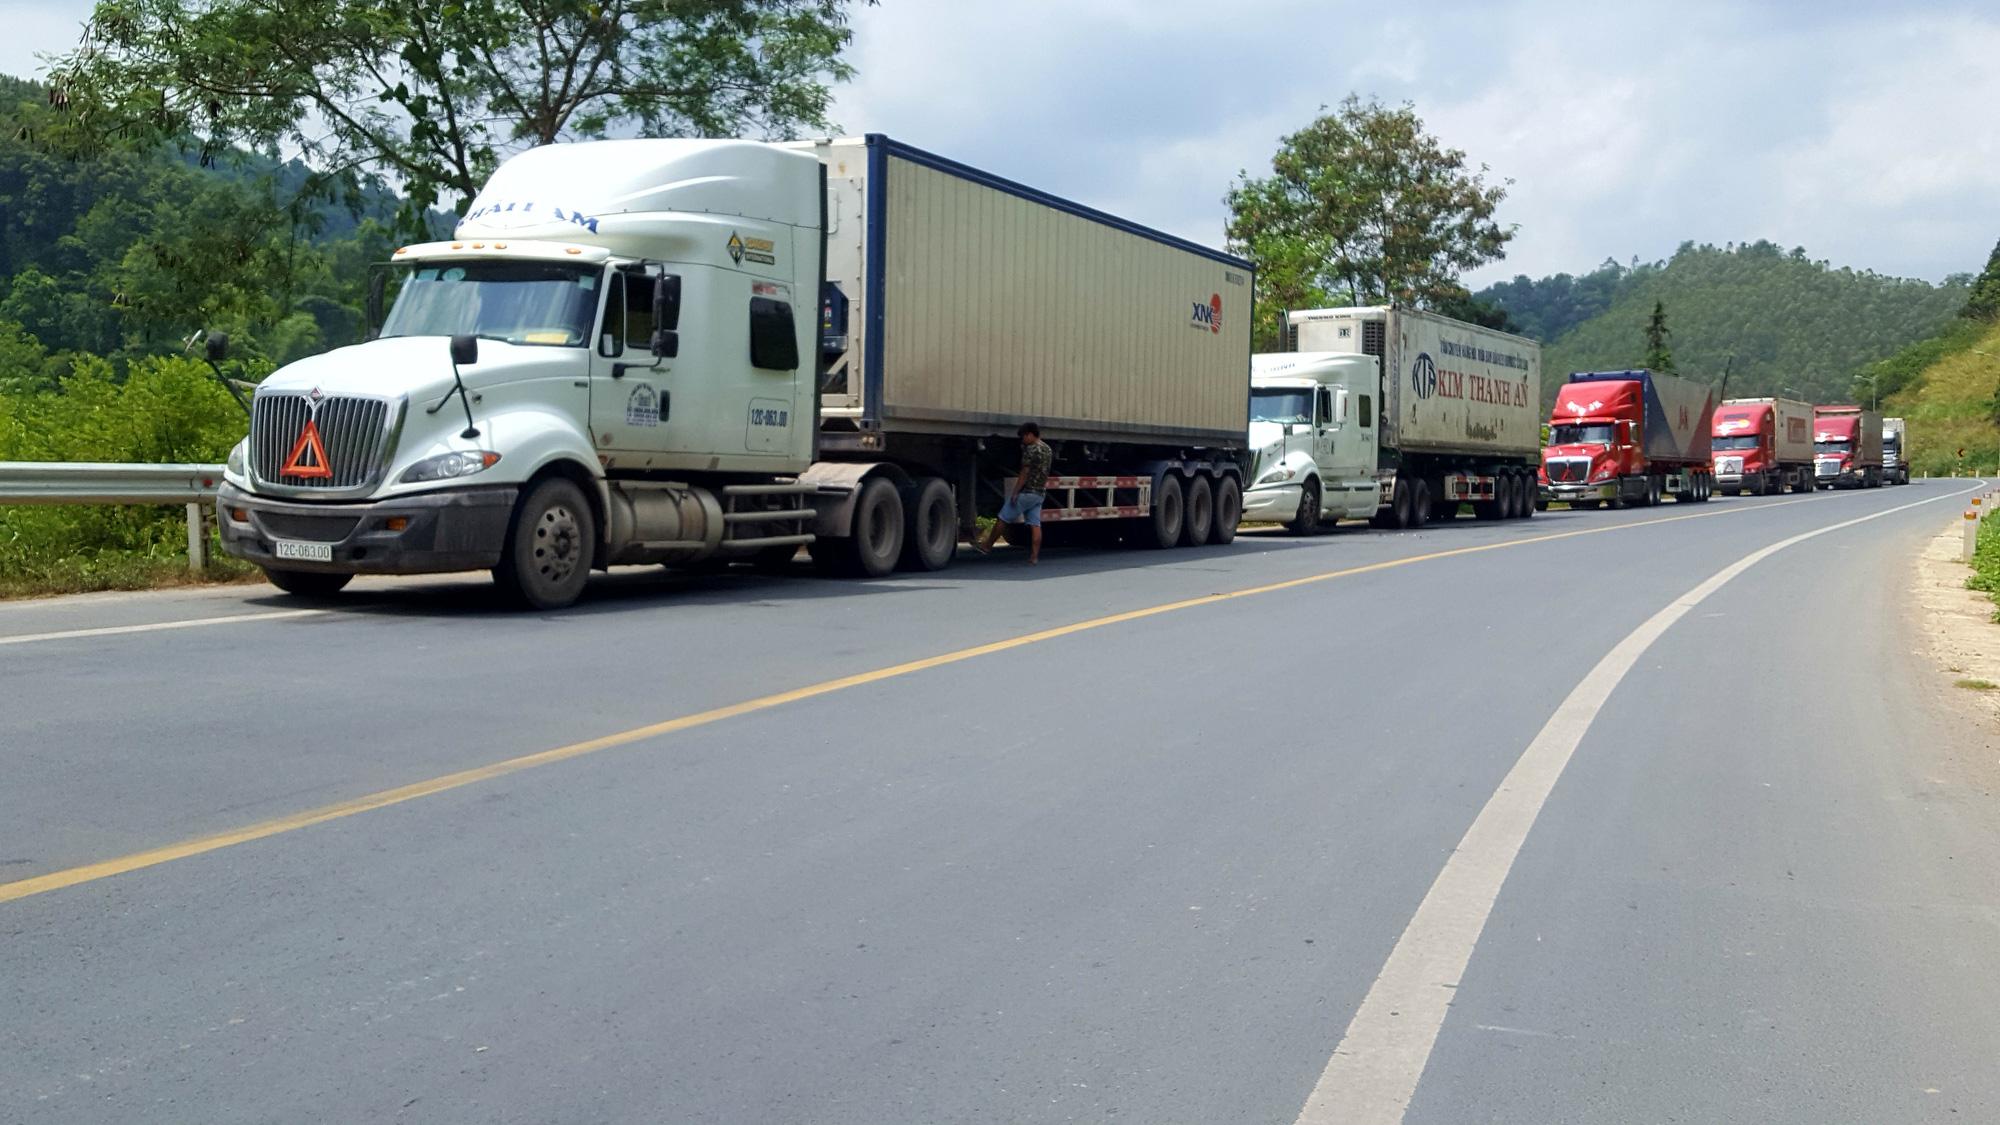 Lạng Sơn: Phương tiện vận tải Trung Quốc nhập cảnh qua CK Chi Ma phải có bảo hiểm bắt buộc - Ảnh 2.